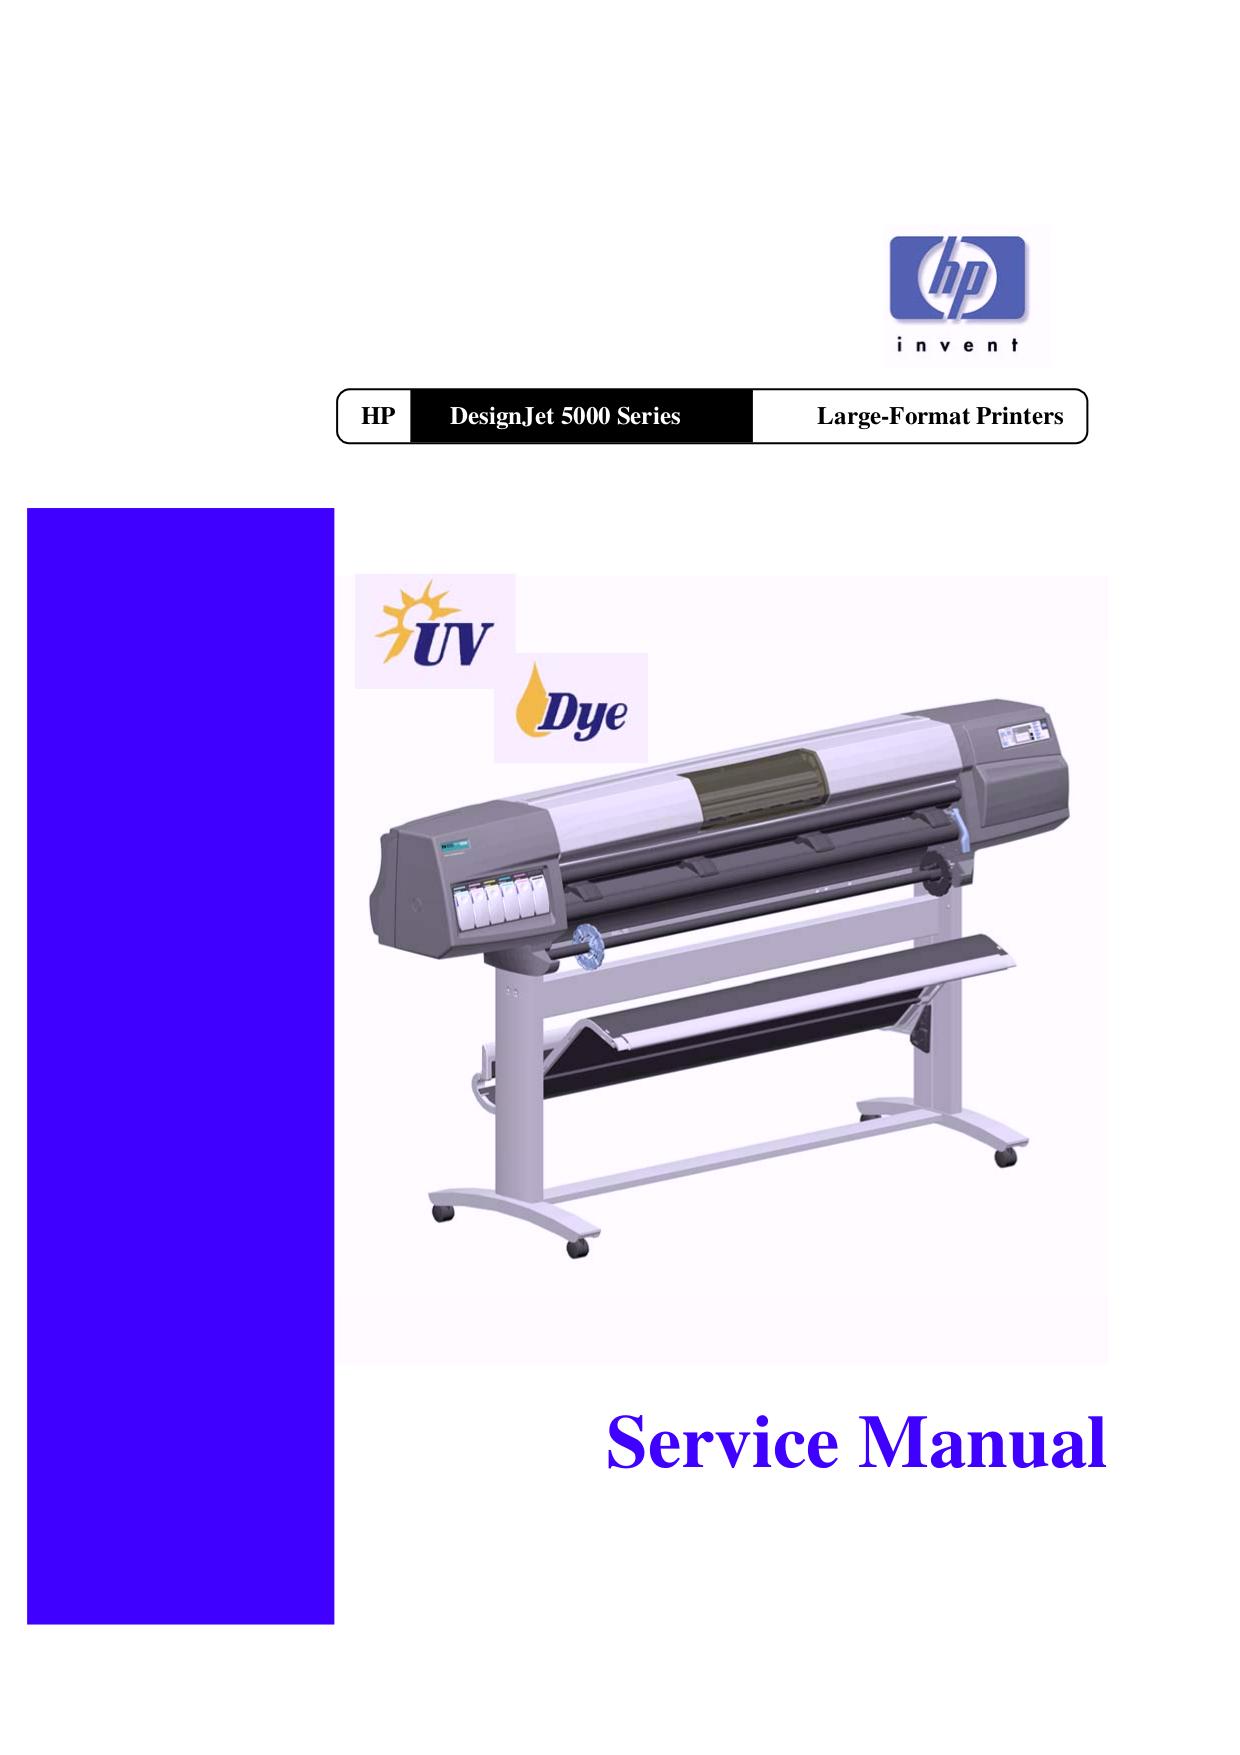 hp 500 service manual pdf kettproxh hp designjet 5000ps service manual hp designjet 5000 service manual pdf